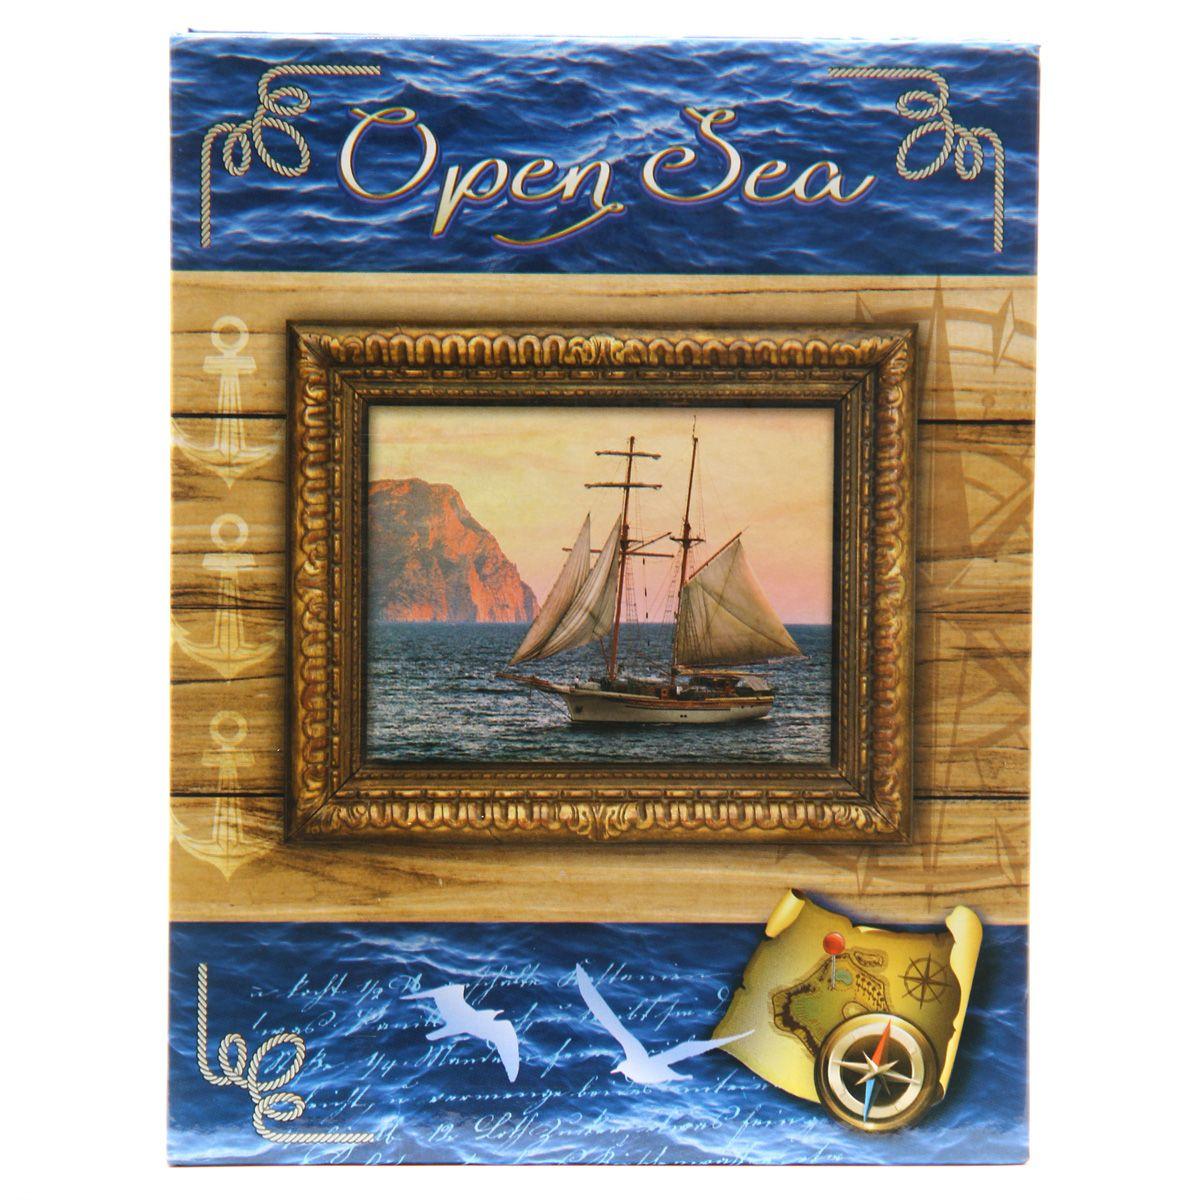 Фотоальбом Pioneer Open Sea, 100 фотографий, цвет: синий, 10 х 15 см46402 AV46100Альбом для фотографий формата 10х15 см. Тип обложки: ламинированный картон. Тип листов: полипропиленовые. Тип переплета: высокочастотная сварка. Кол-во фотографий: 100. Материалы, использованные в изготовлении альбома, обеспечивают высокое качество хранения Ваших фотографий, поэтому фотографии не желтеют со временем.